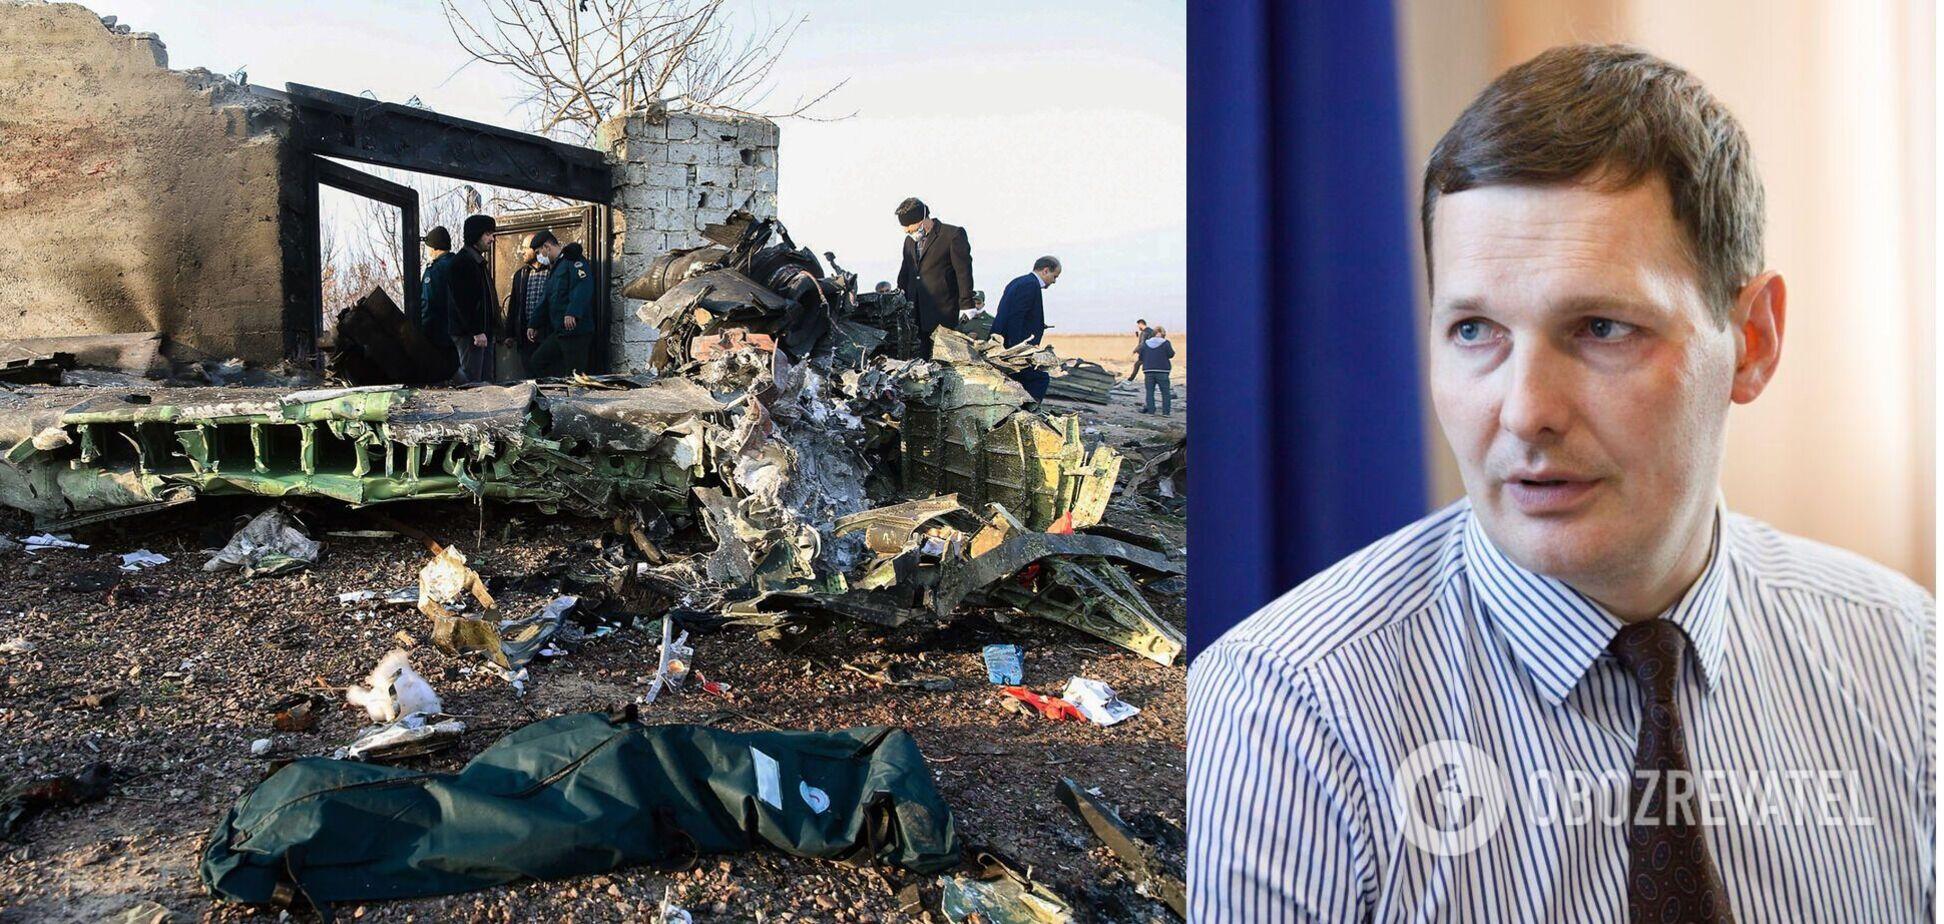 В МИД заявили, что Иран игнорирует предложения по расследованию крушения самолета МАУ